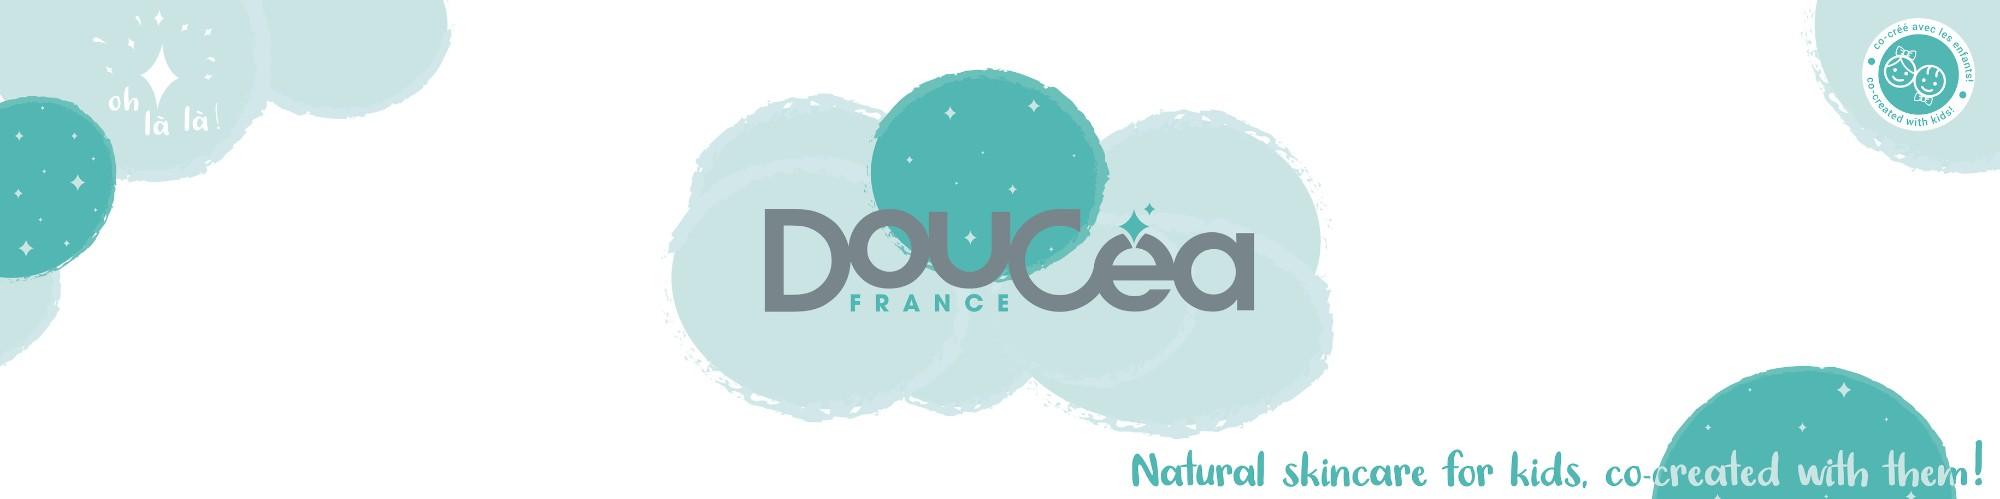 DOUCEA-banner.jpg